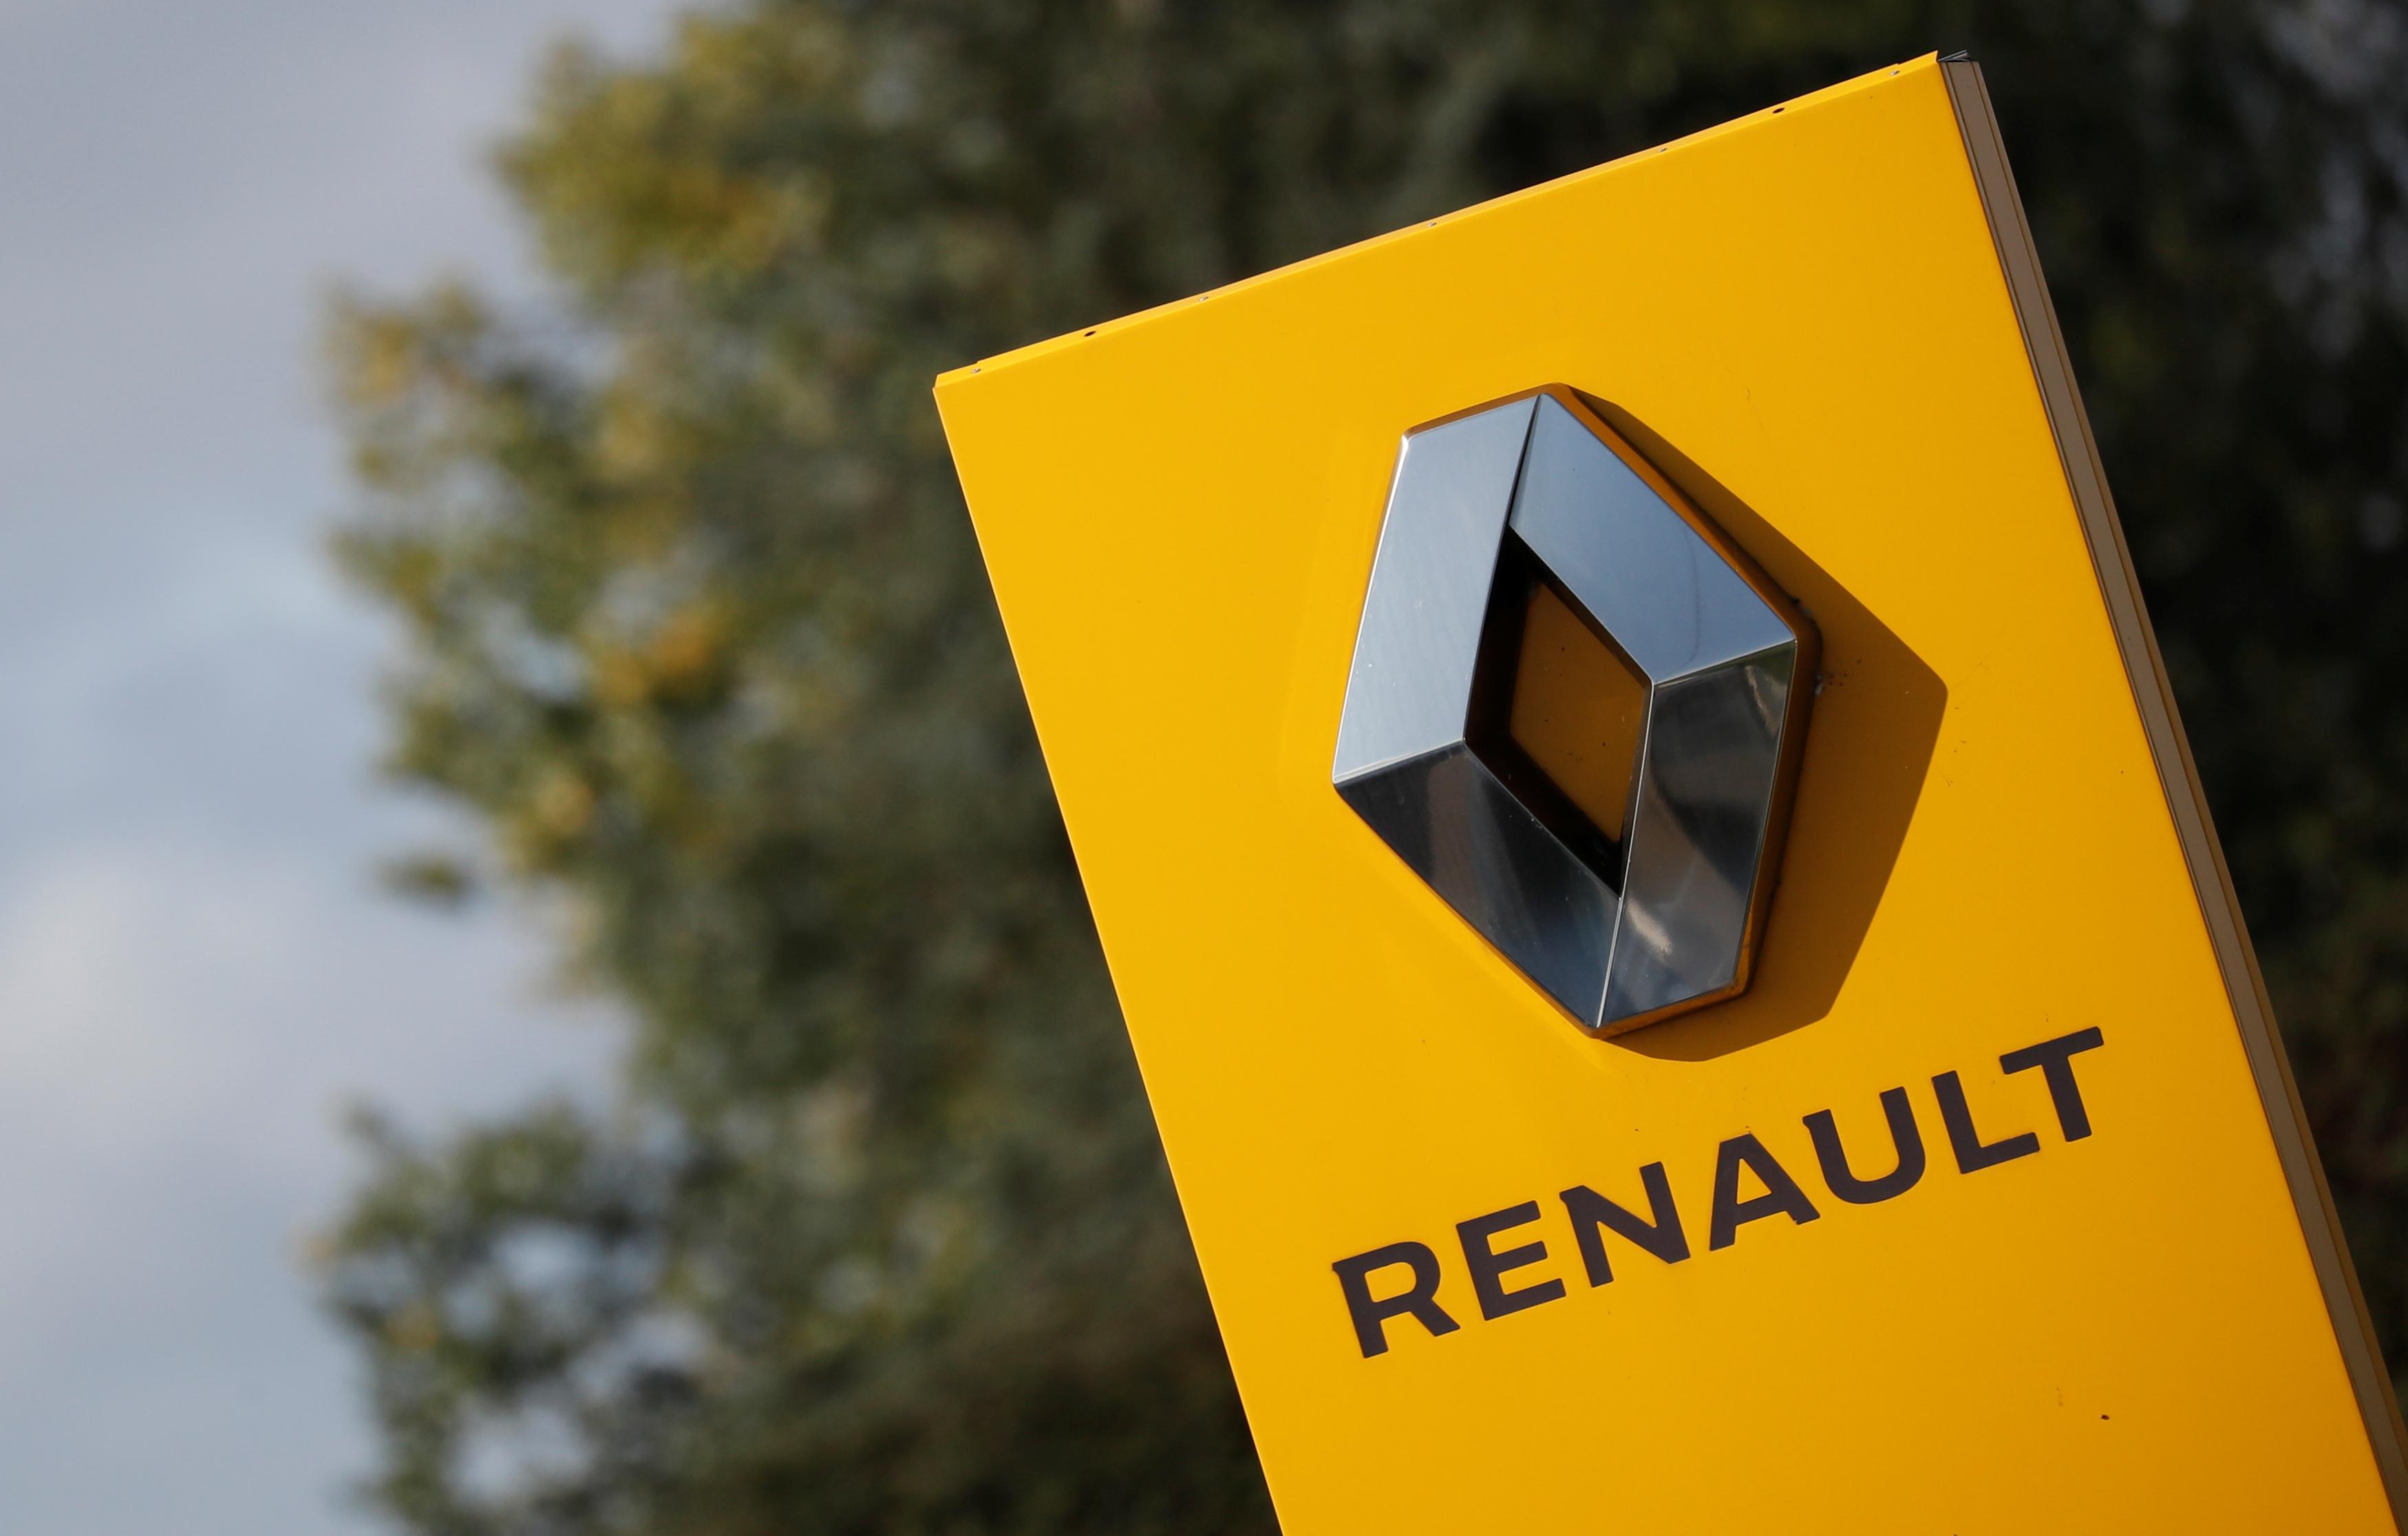 """Les syndicats de Renault voteront """"non"""" au plan d'économies, rapporte Le Figaro"""